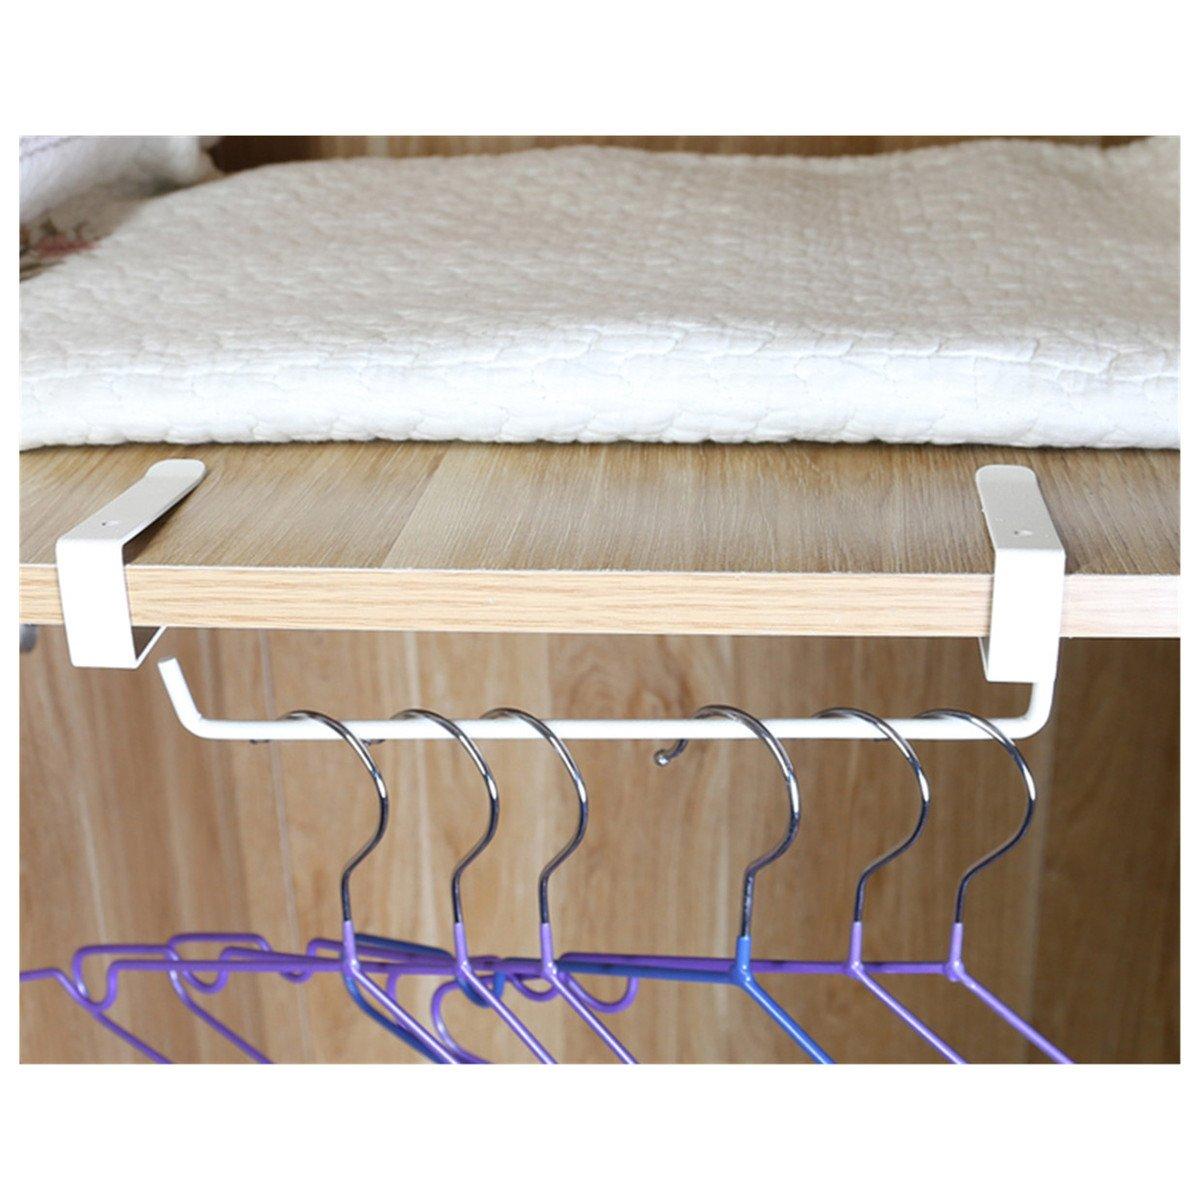 ECYC Kitchen Toilet Paper Hanger Sink Roll Towel Holder Hanger Organizer,White